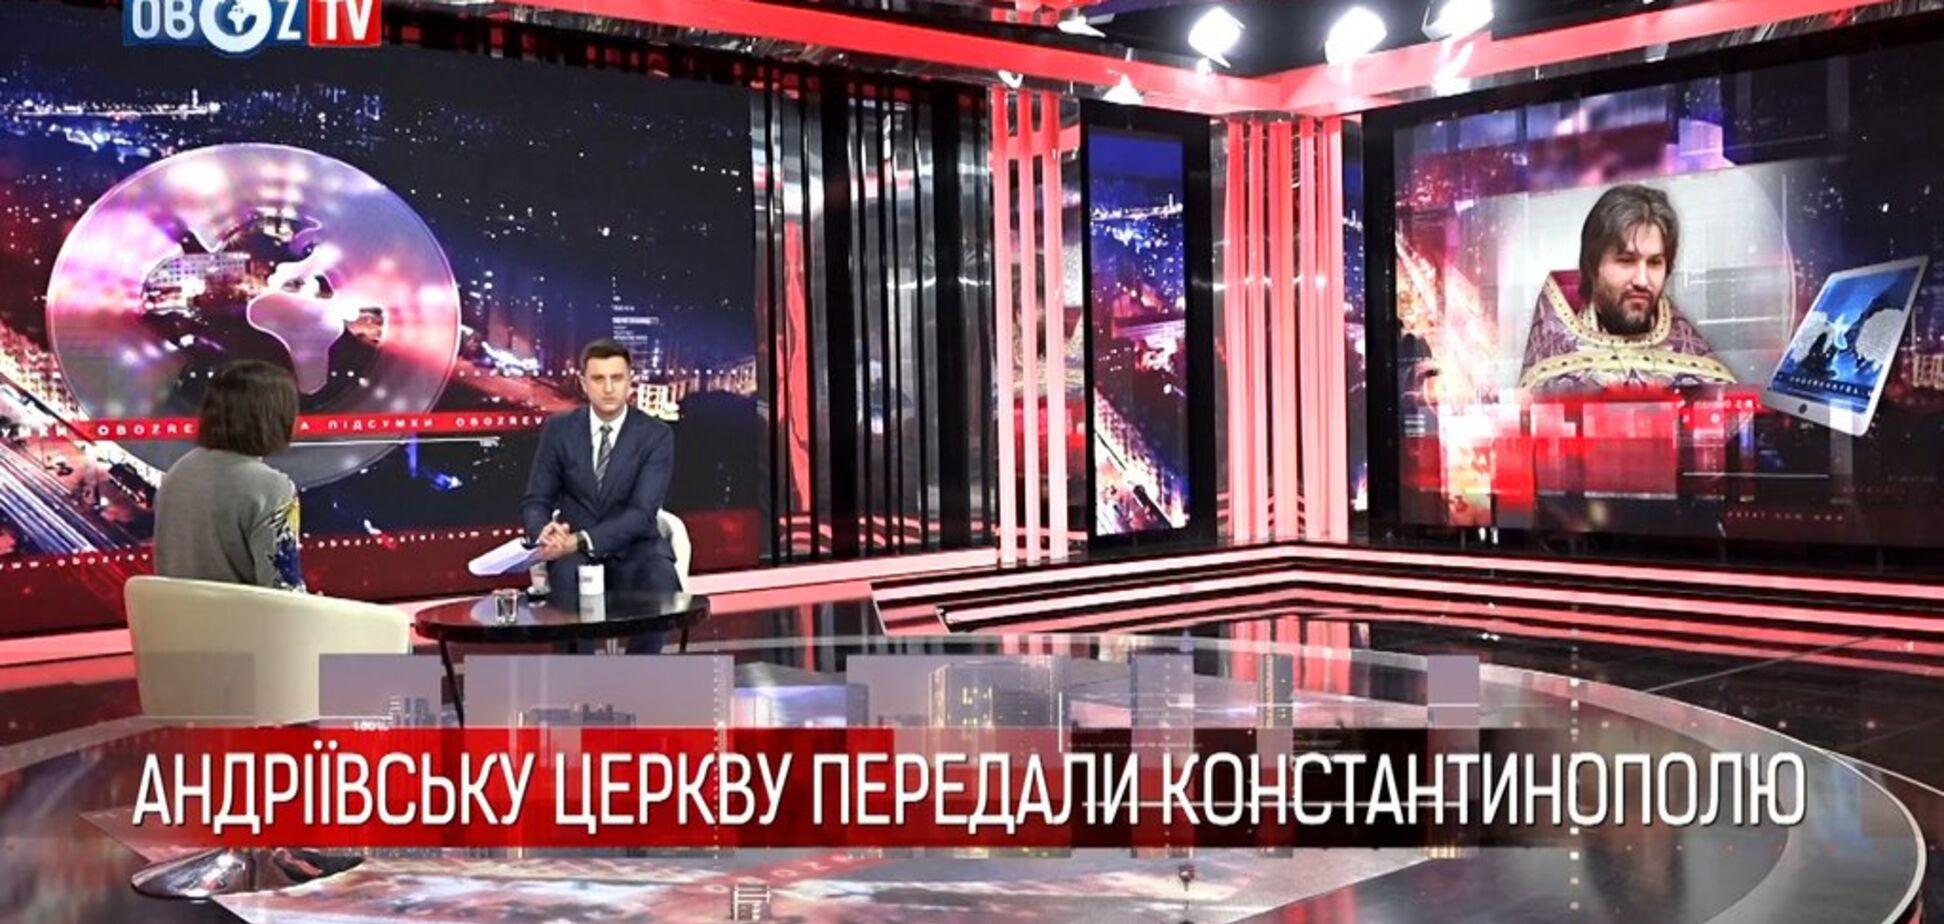 Важны не термины, а их значения – священник объяснил непонимание украинцами необхдоимости томоса